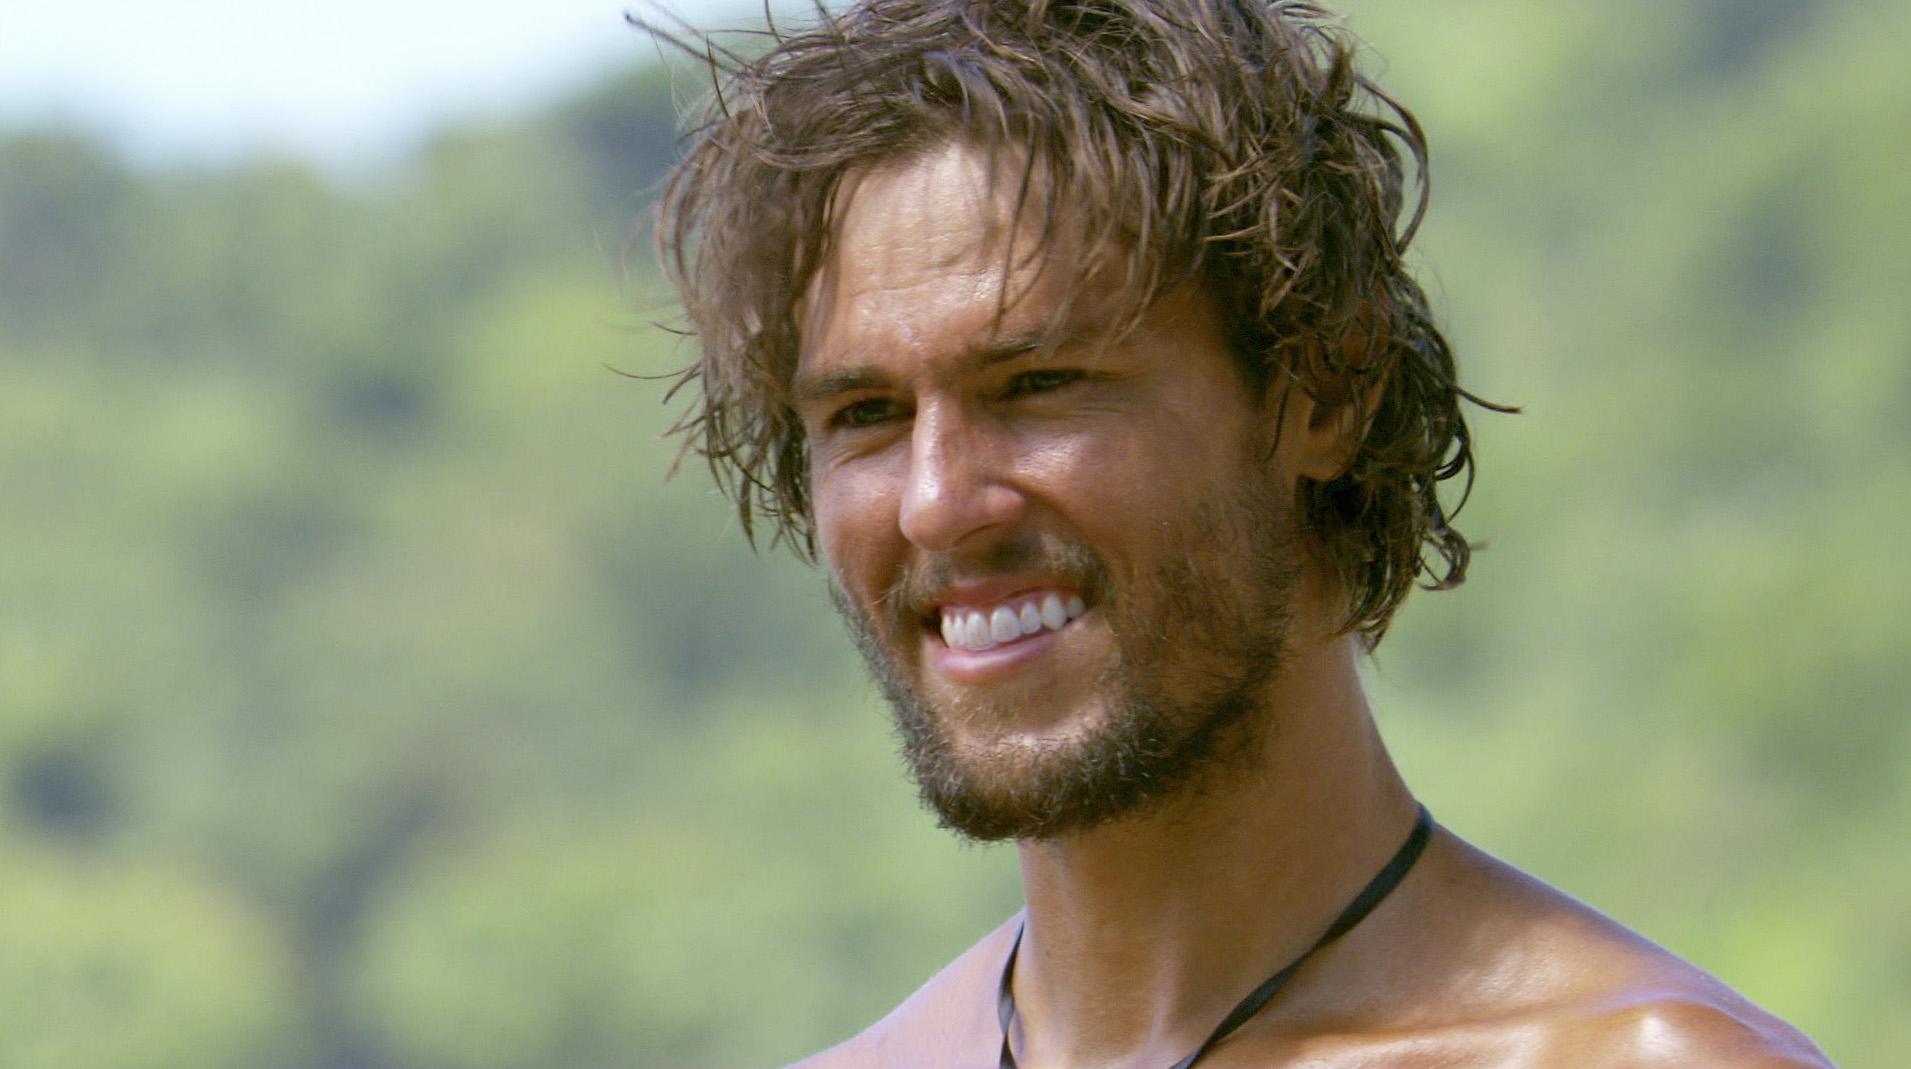 Hayden in Season 27 Episode 13